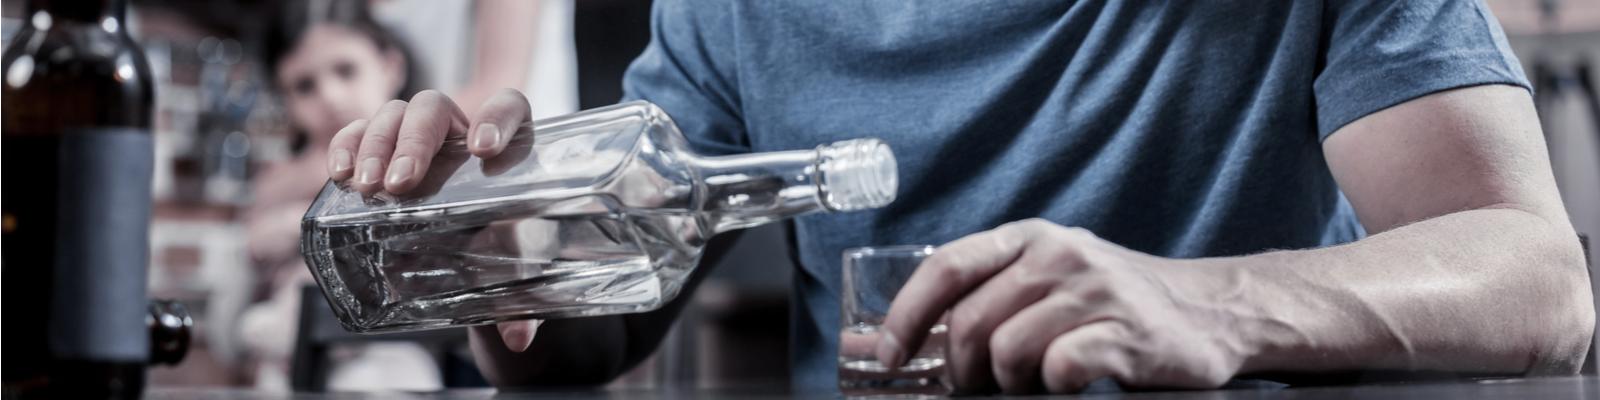 Месяц без алкоголя. как расслабиться без алкоголя и сигарет, чтобы снять стресс напитки, способствующие расслаблению